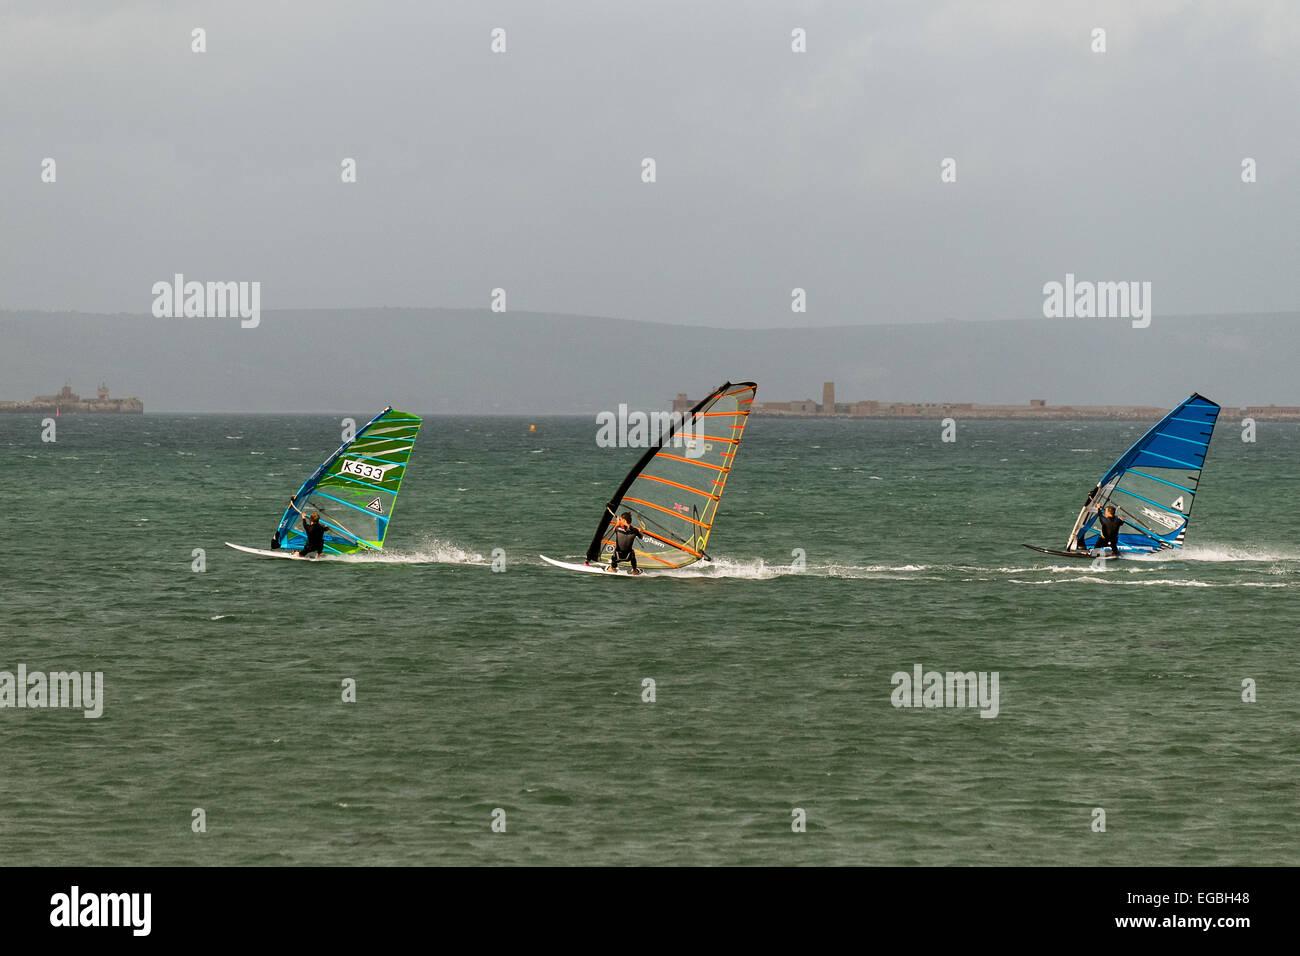 La planche à voile dans la baie de Weymouth dorset Photo Stock